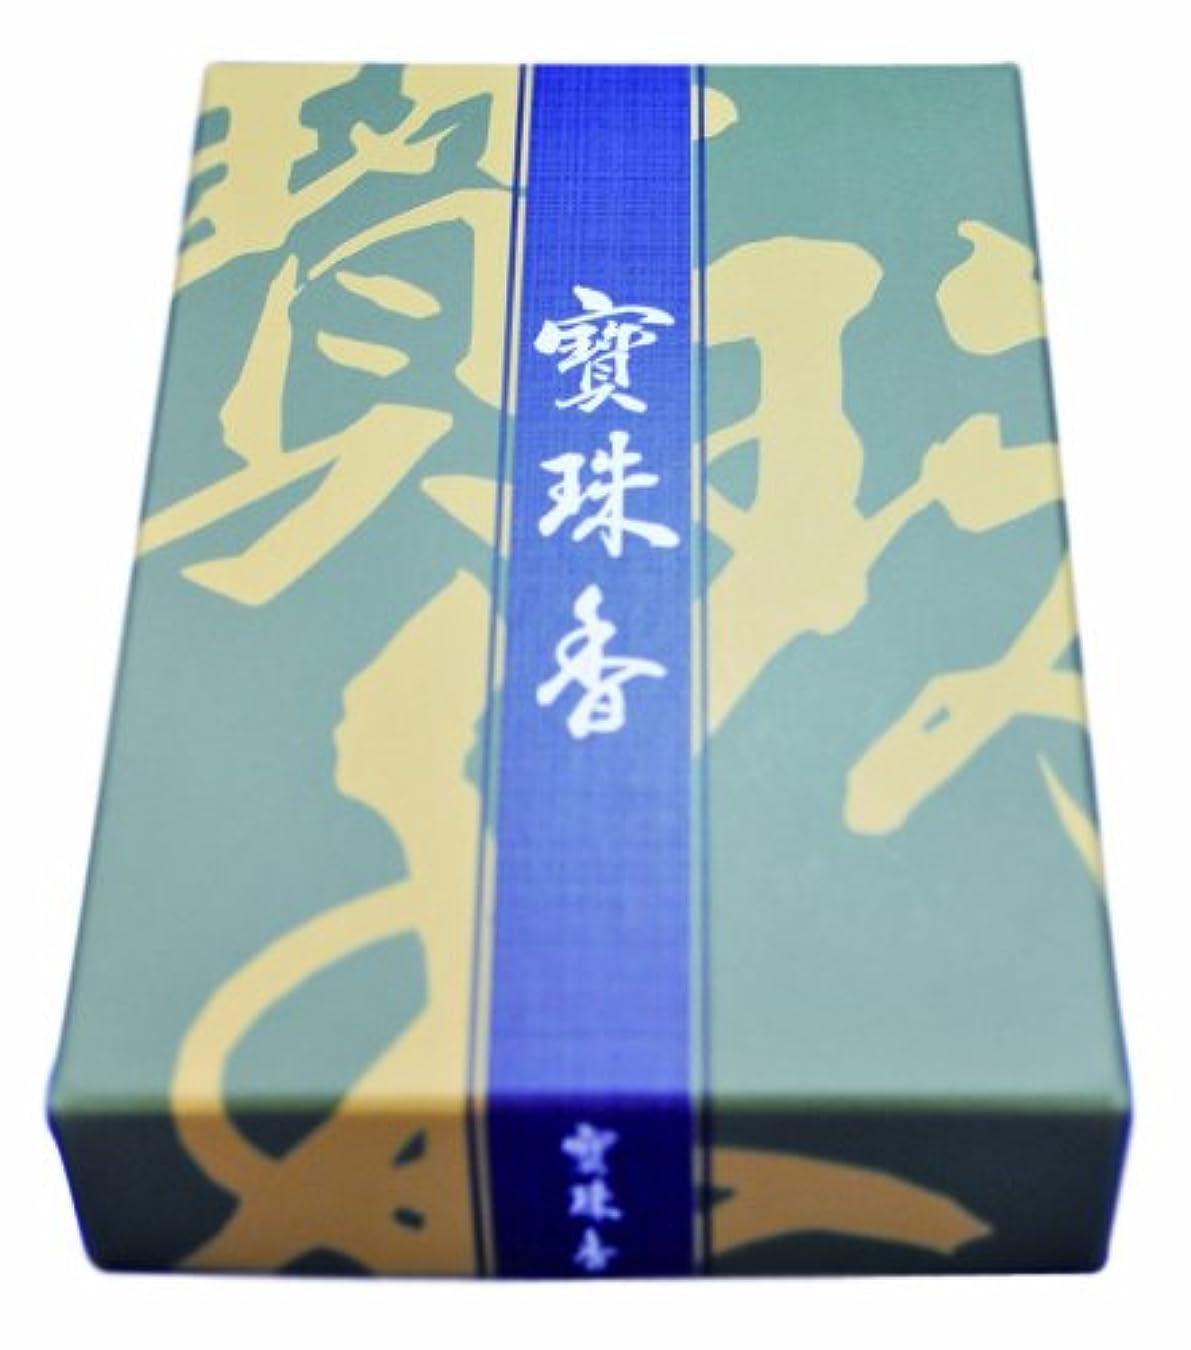 不名誉ペース基本的なお線香 寳珠香 短寸バラ詰 約42g シャム沈香の香り